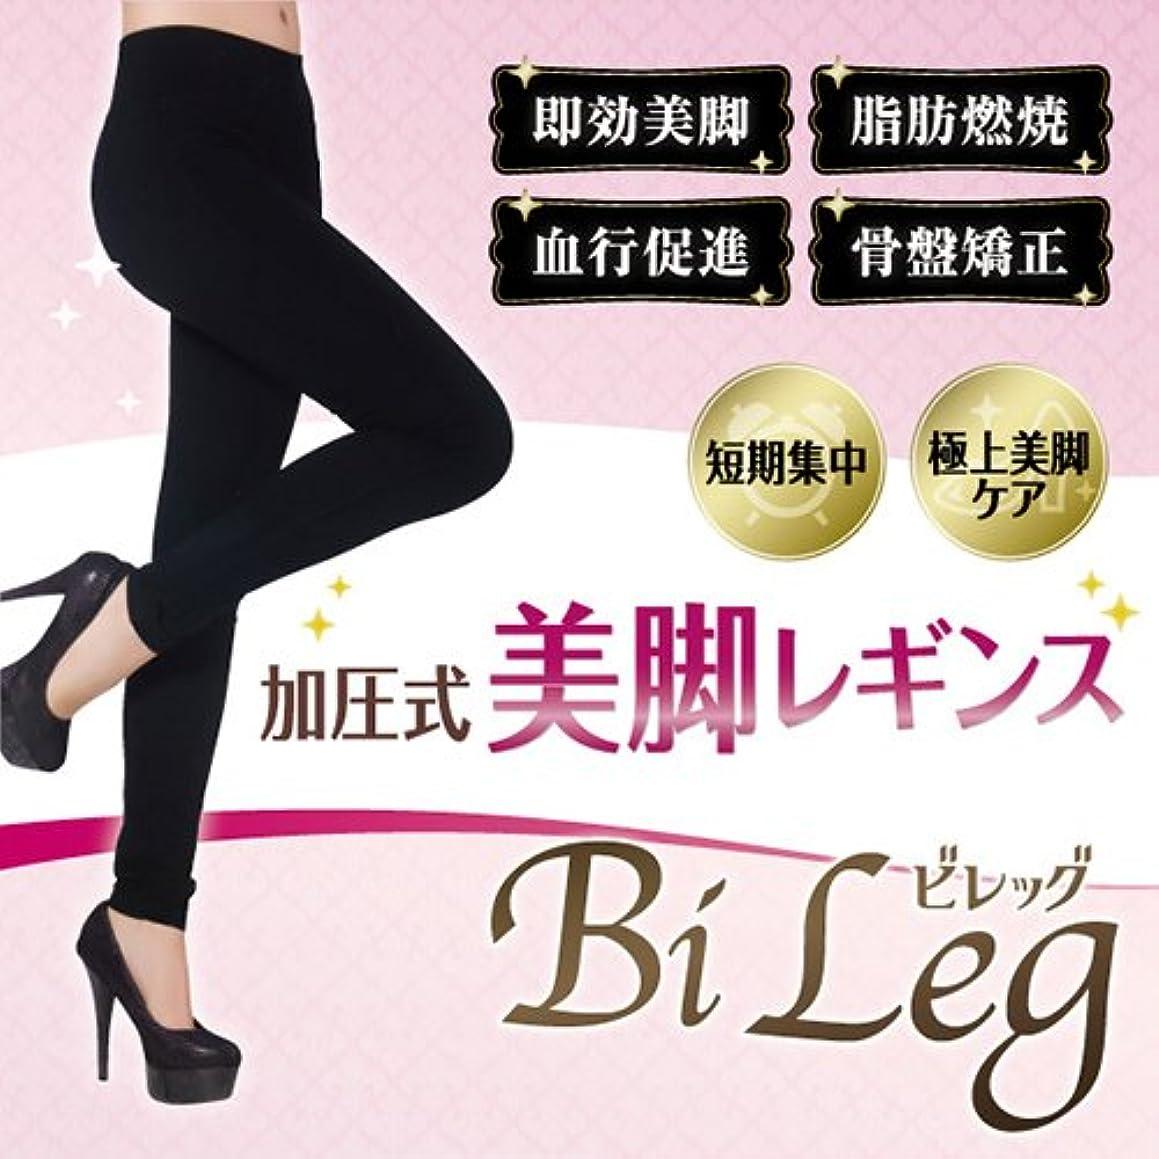 形成パスタ密【単品】Bi Leg-ビレッグ-